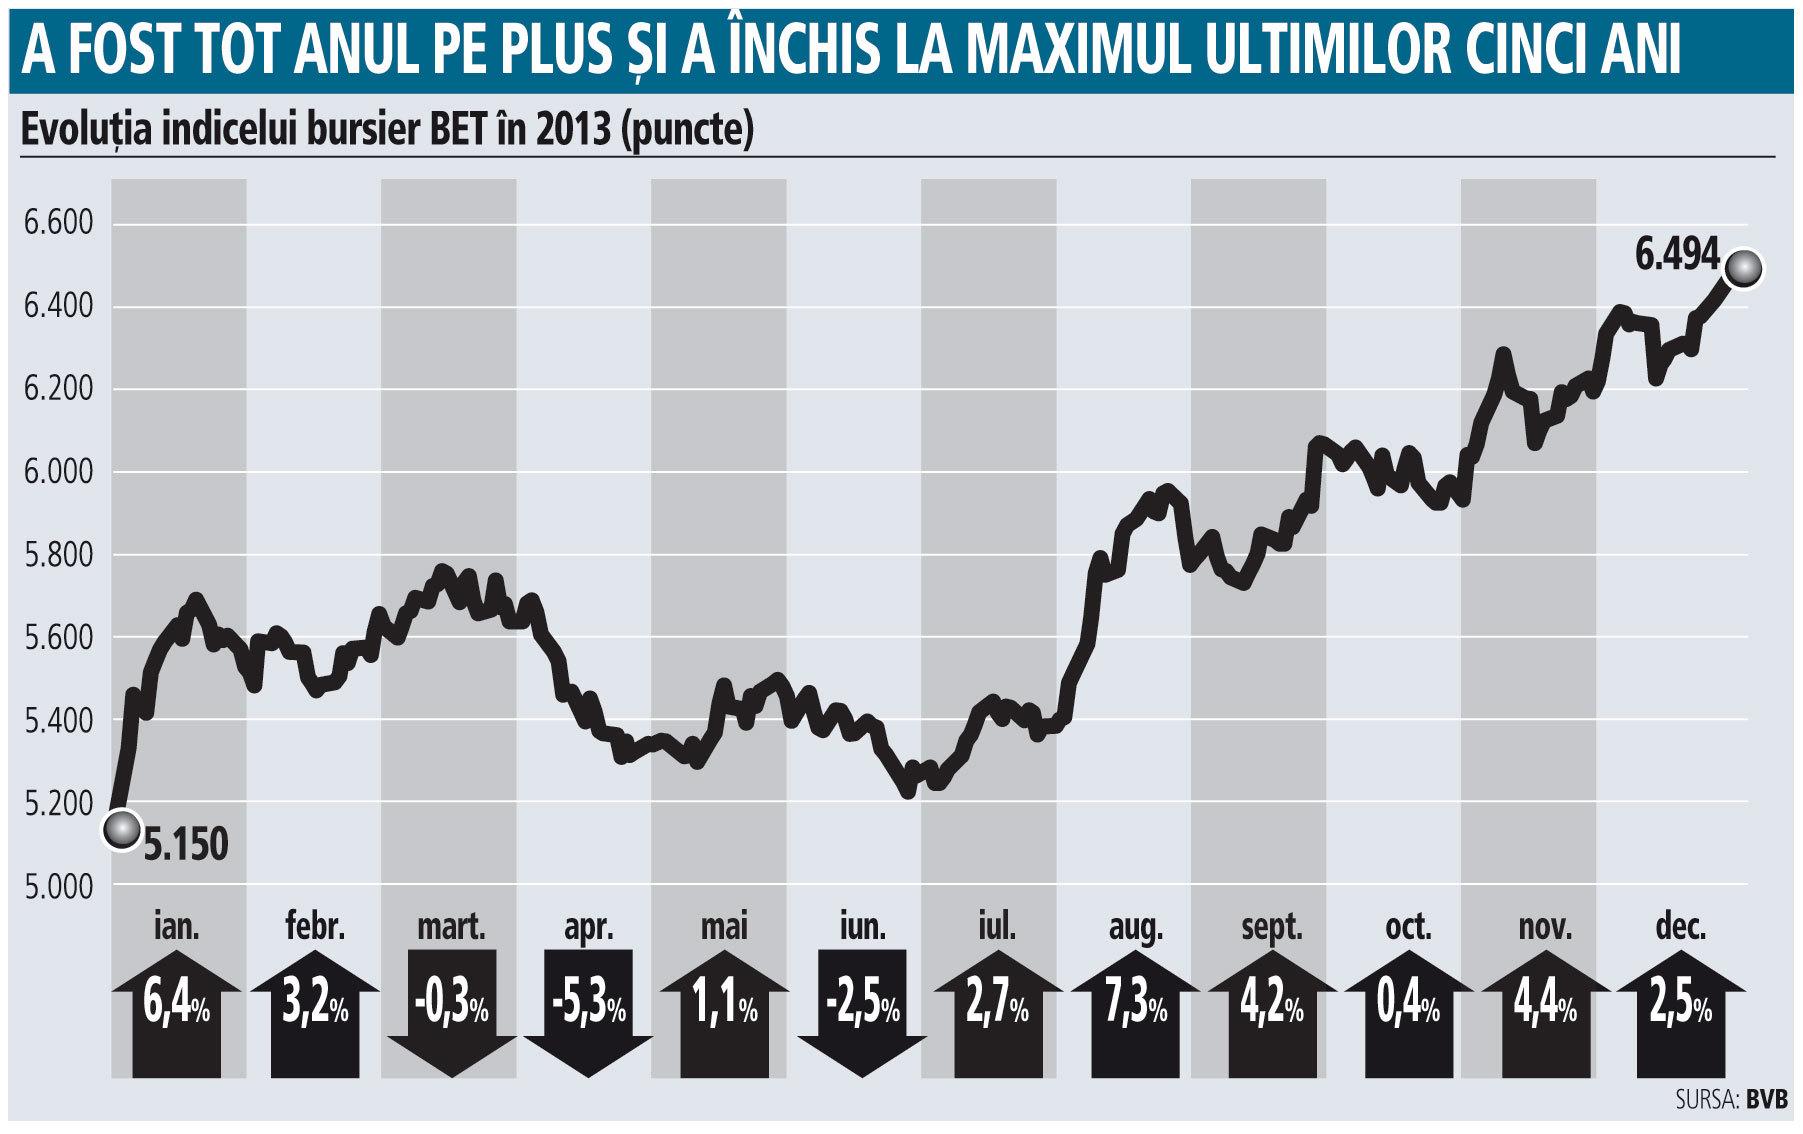 Cum se anunţă anul 2014 pe bursă: Indicele BET ar putea creşte cu încă 15%, însă riscurile vin de pe pieţele externe şi din politică